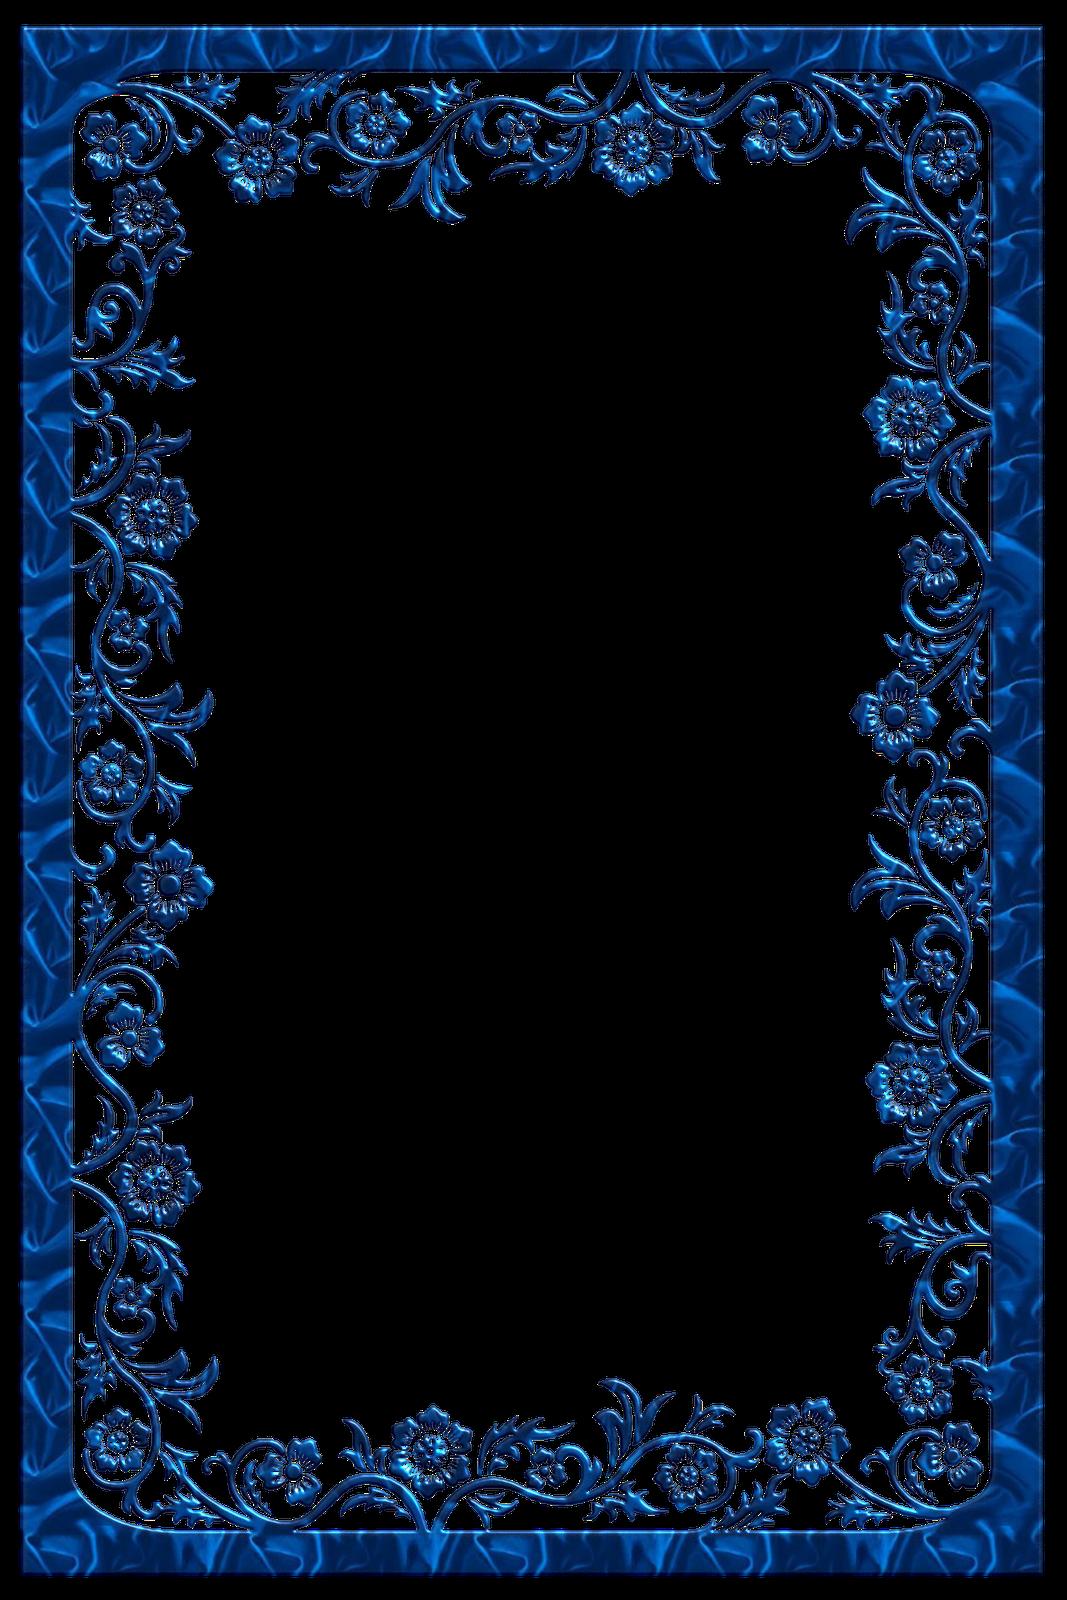 bordas png fundo transparente